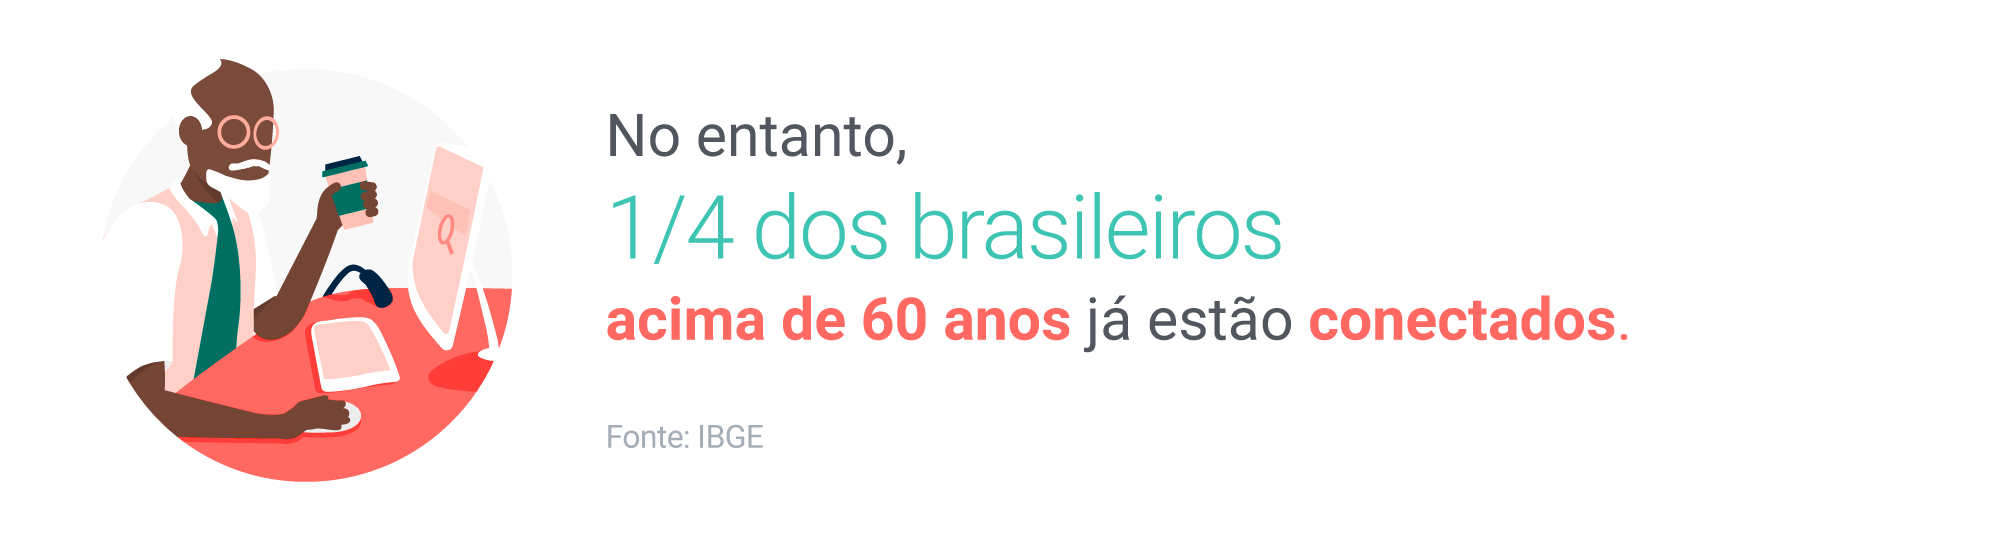 No entanto, 1/4 dos brasileiros acima de 60 anos já estão conectados. Fonte: IBGE